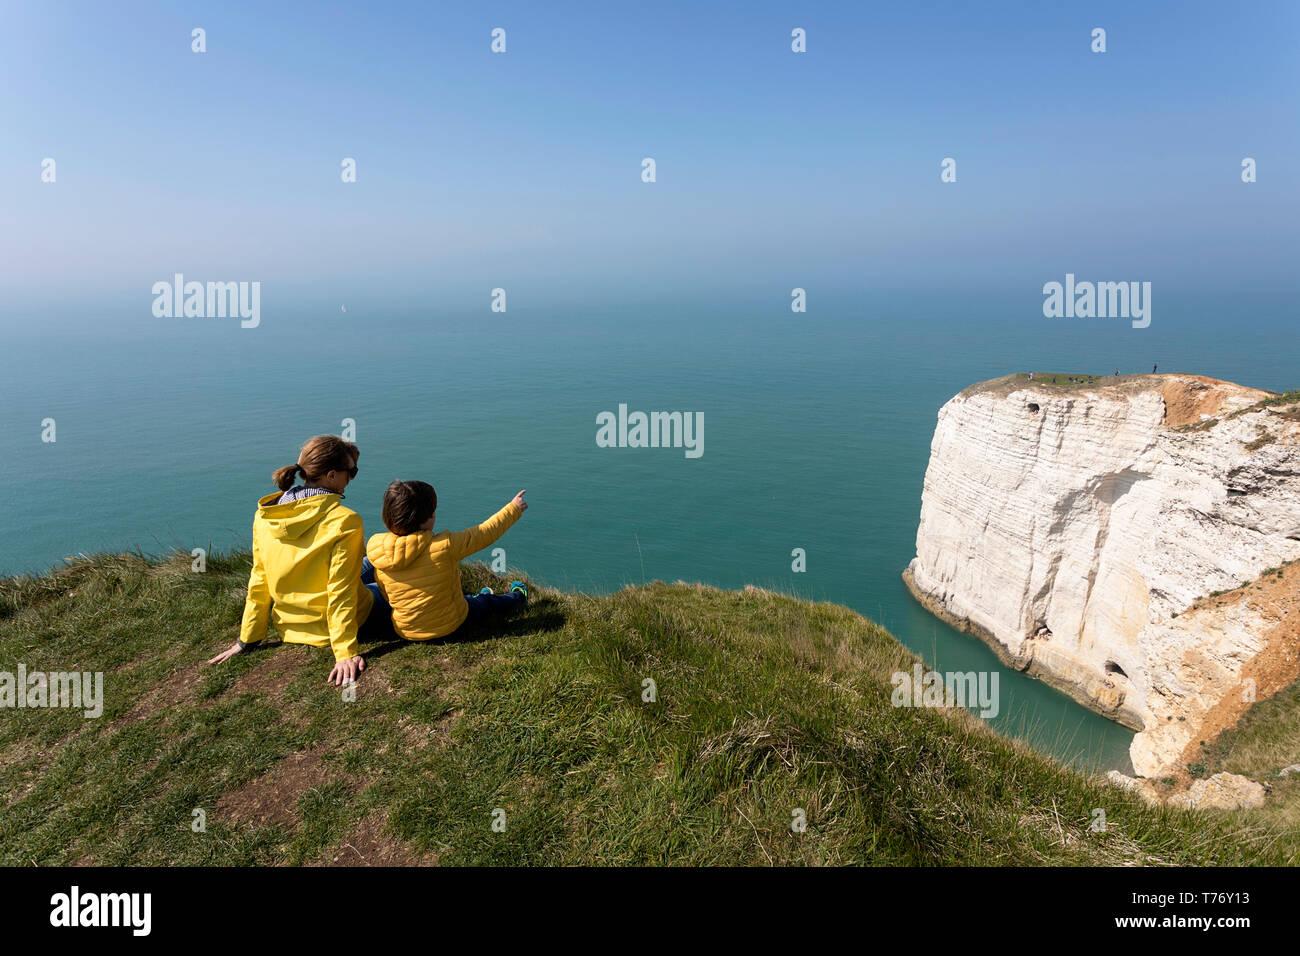 Francia, Normandía: Madre e hijo sentado sobre el césped cubierto de roca acantilados por encima del arco de Playa Etretat Foto de stock